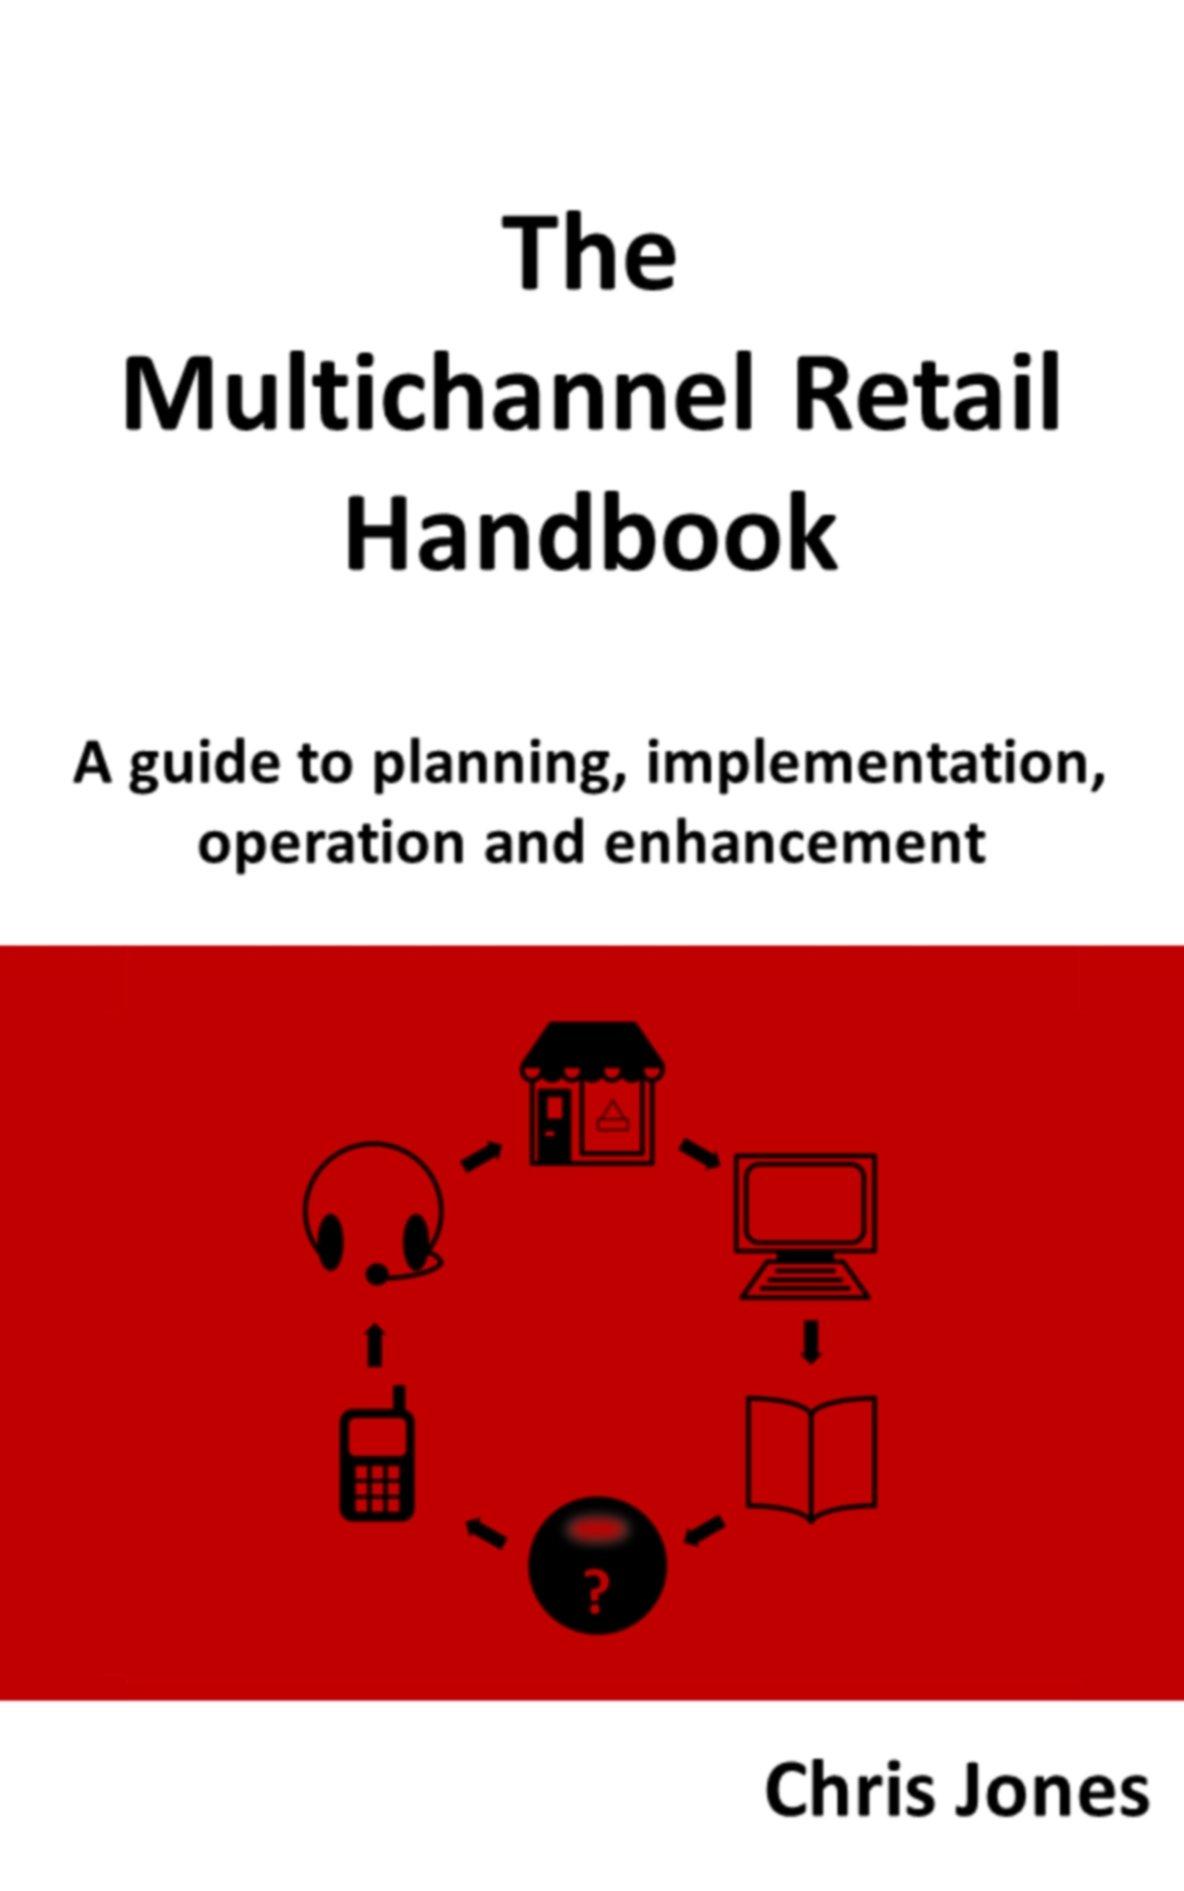 The Multichannel Retail Handbook